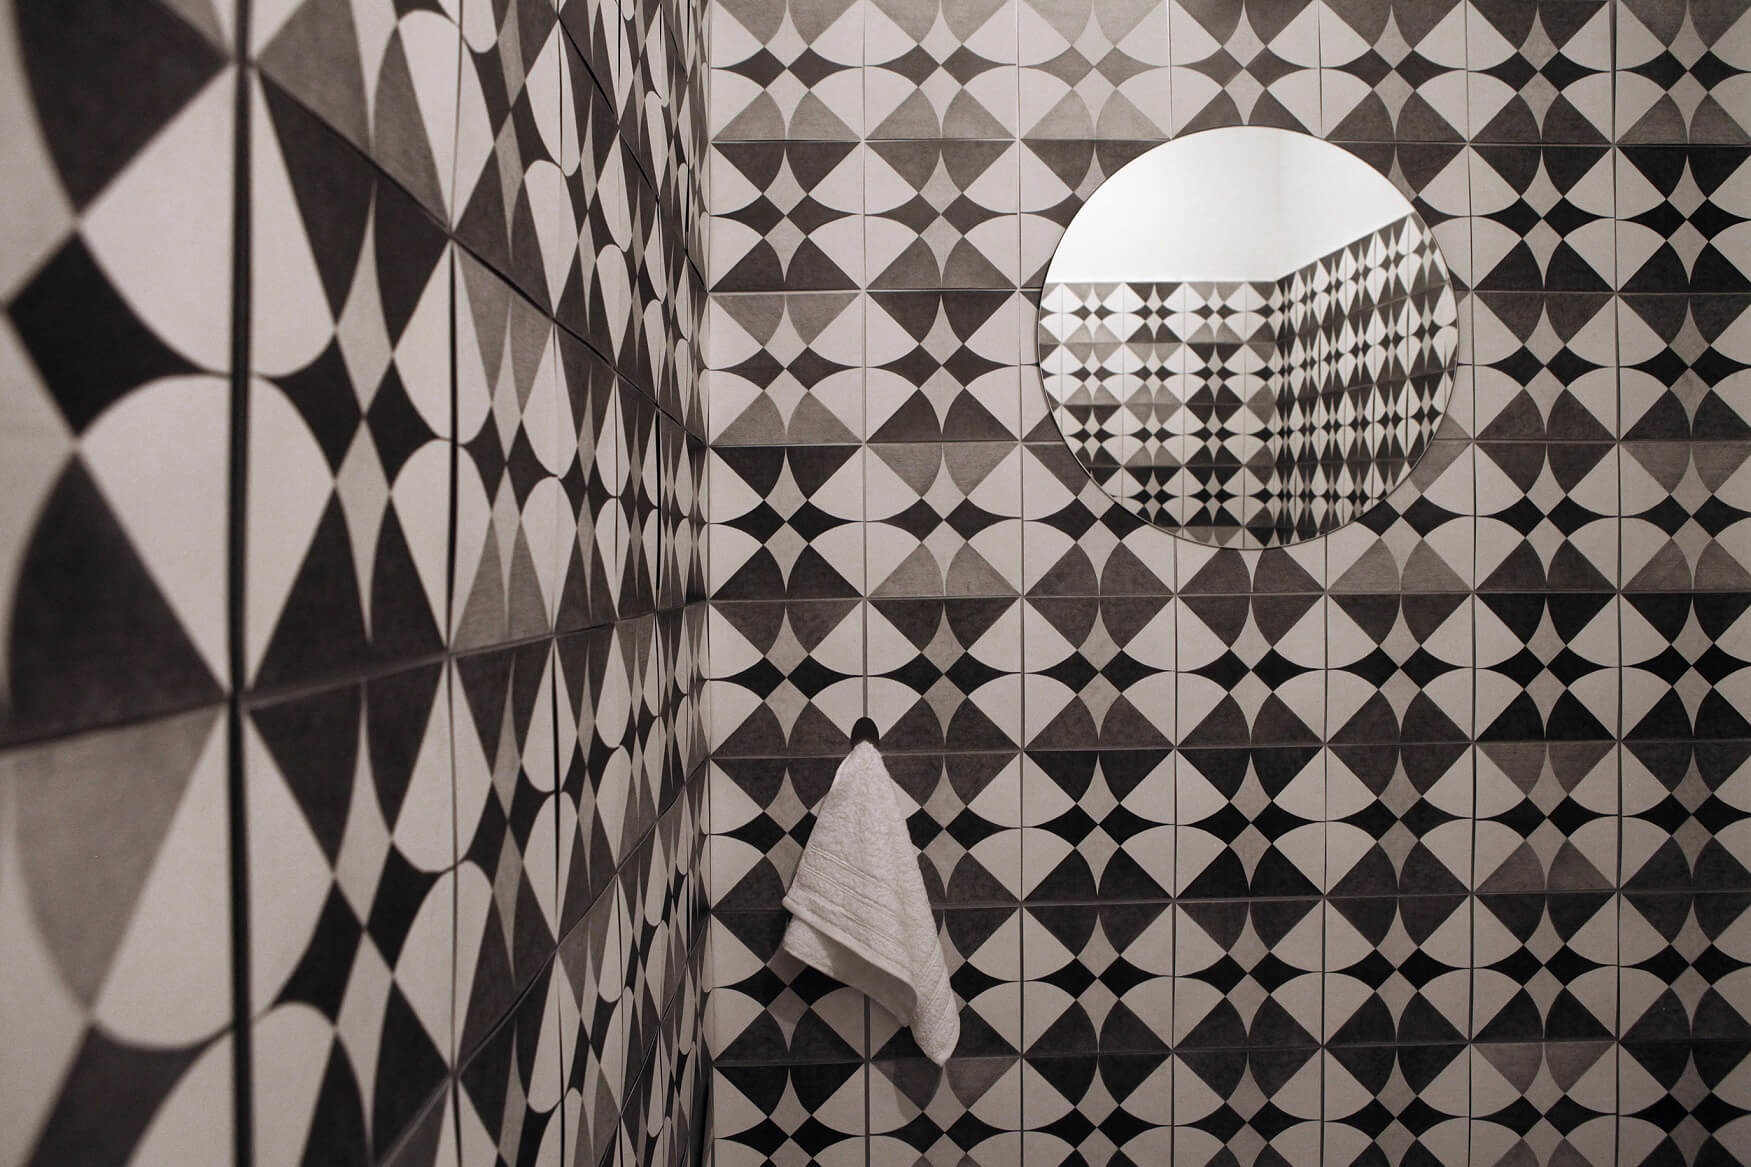 חפצים - עיצוב הבית התערוכה לרישום בבית האמנים בירושלים היא חוויה אמנותית מרחיבה דעת מרגשת.</br>הביאנלה לרישום ה- VII –  אוצרת הדס מאור